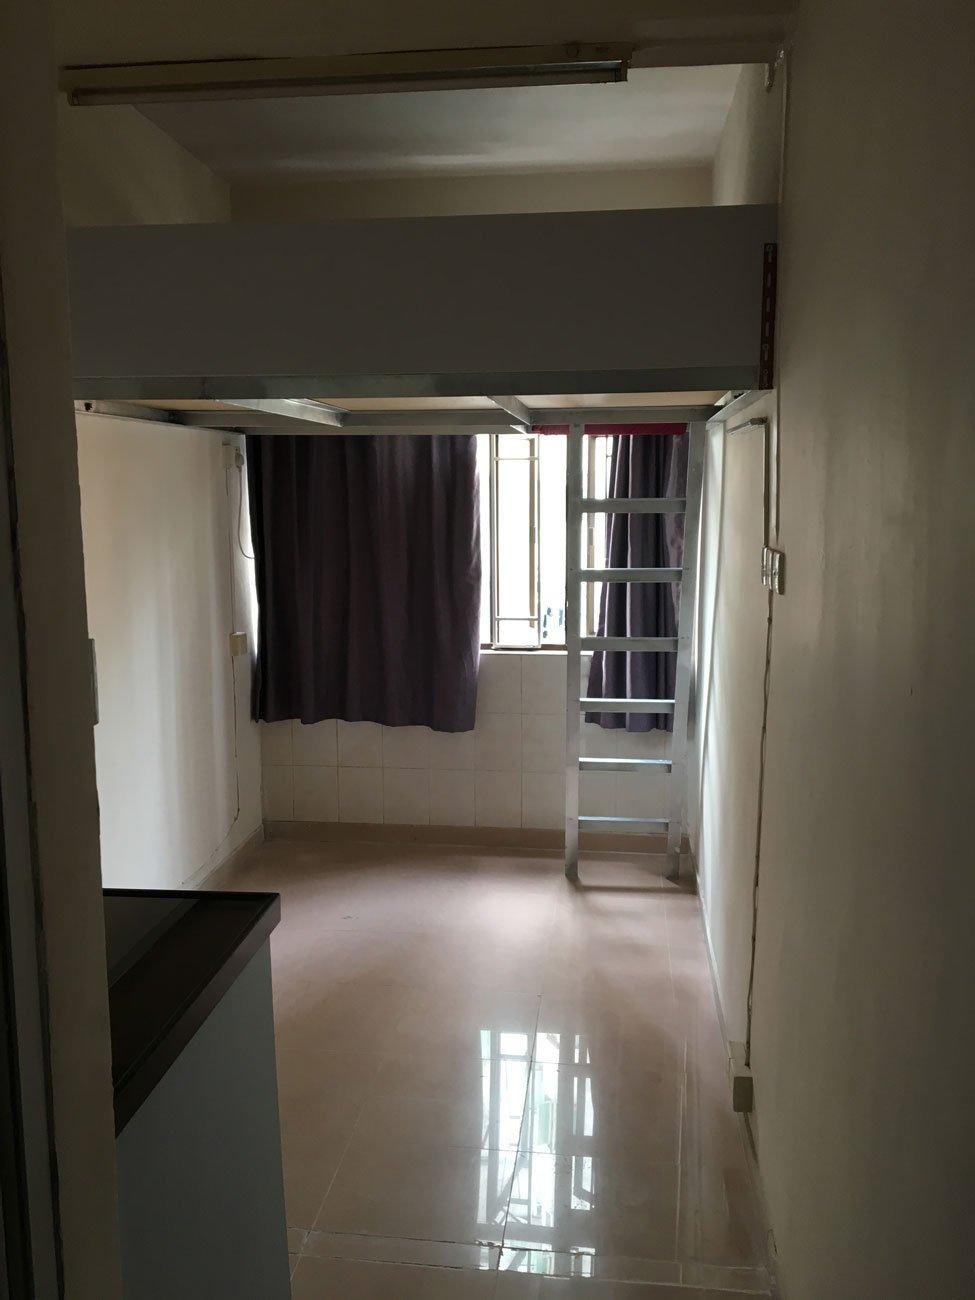 香港のアパート室内